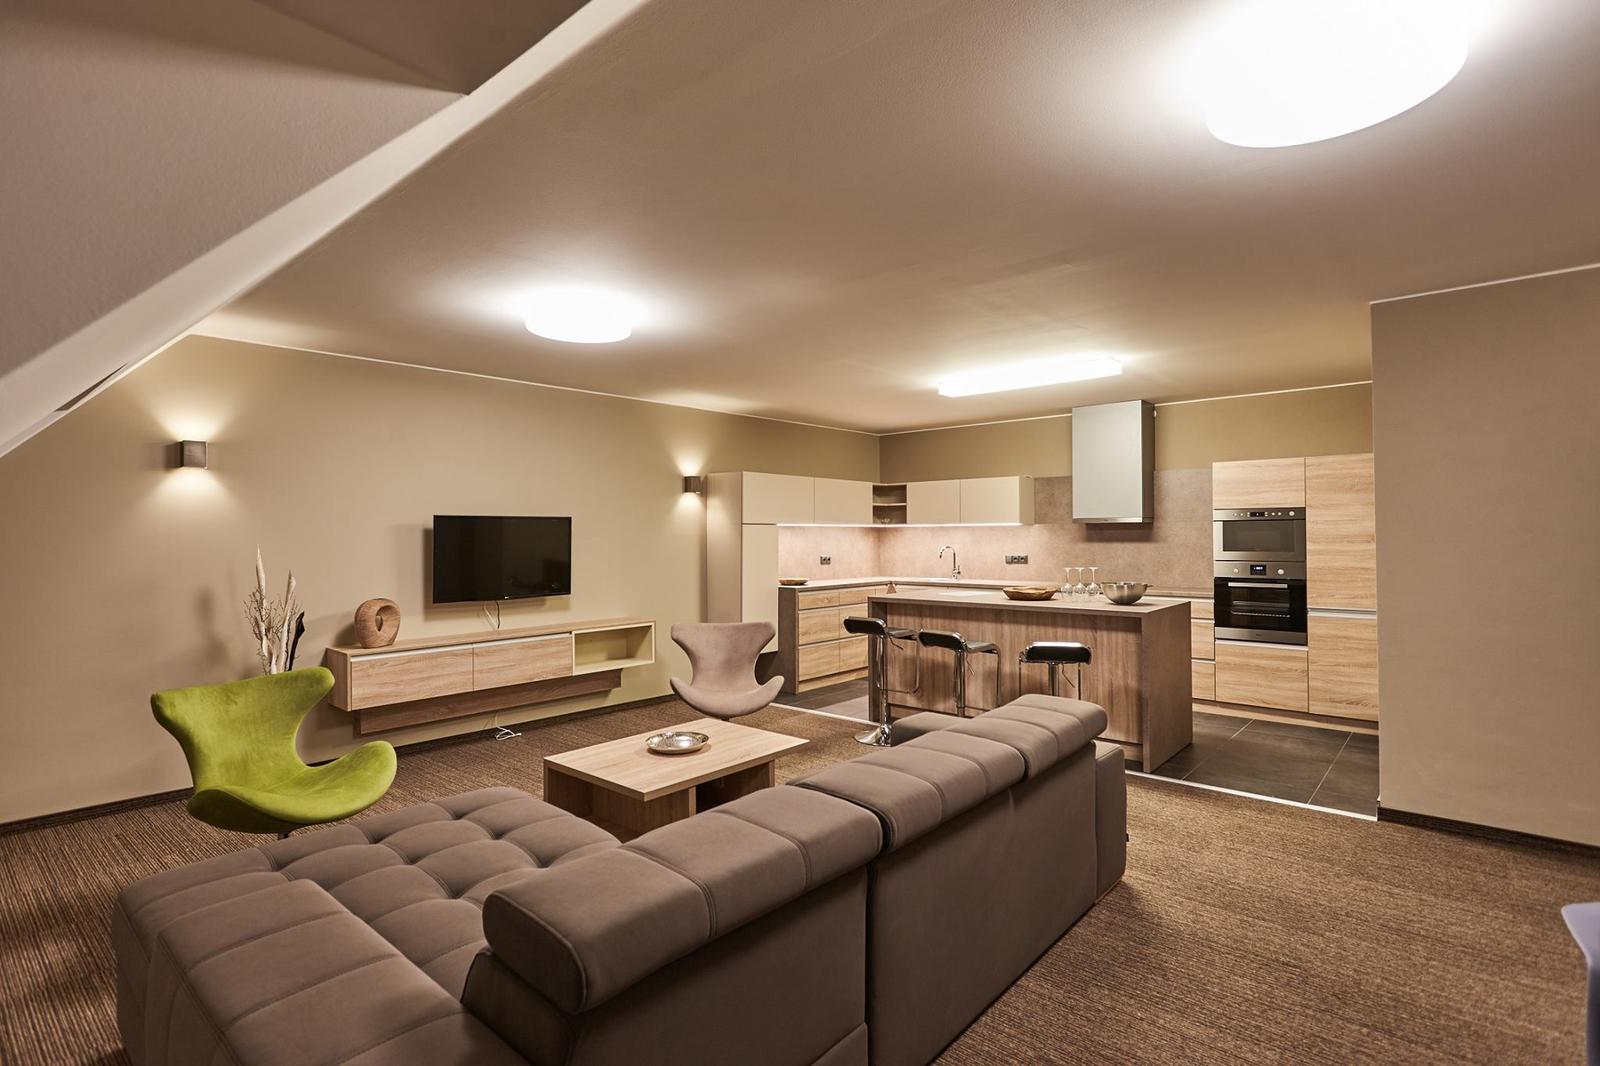 Obývací pokoj s kuchyní a jídelnou - Obrázek č. 464